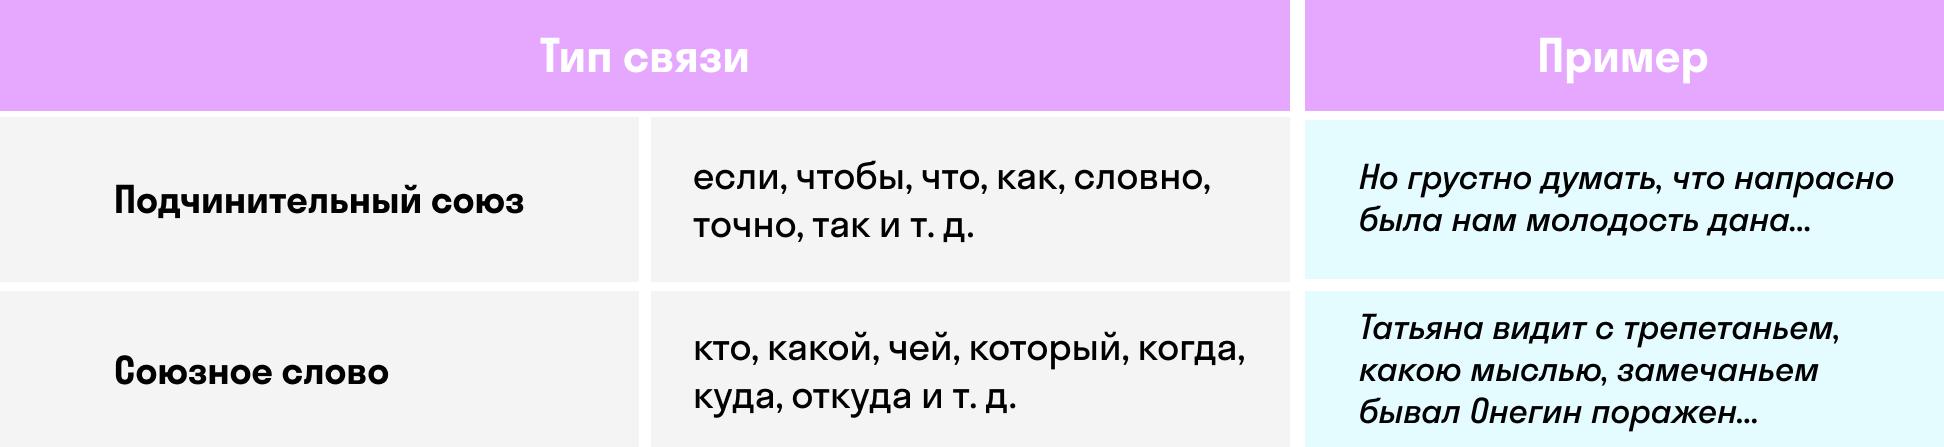 Таблица типов связи в СПП   skysmart.ru